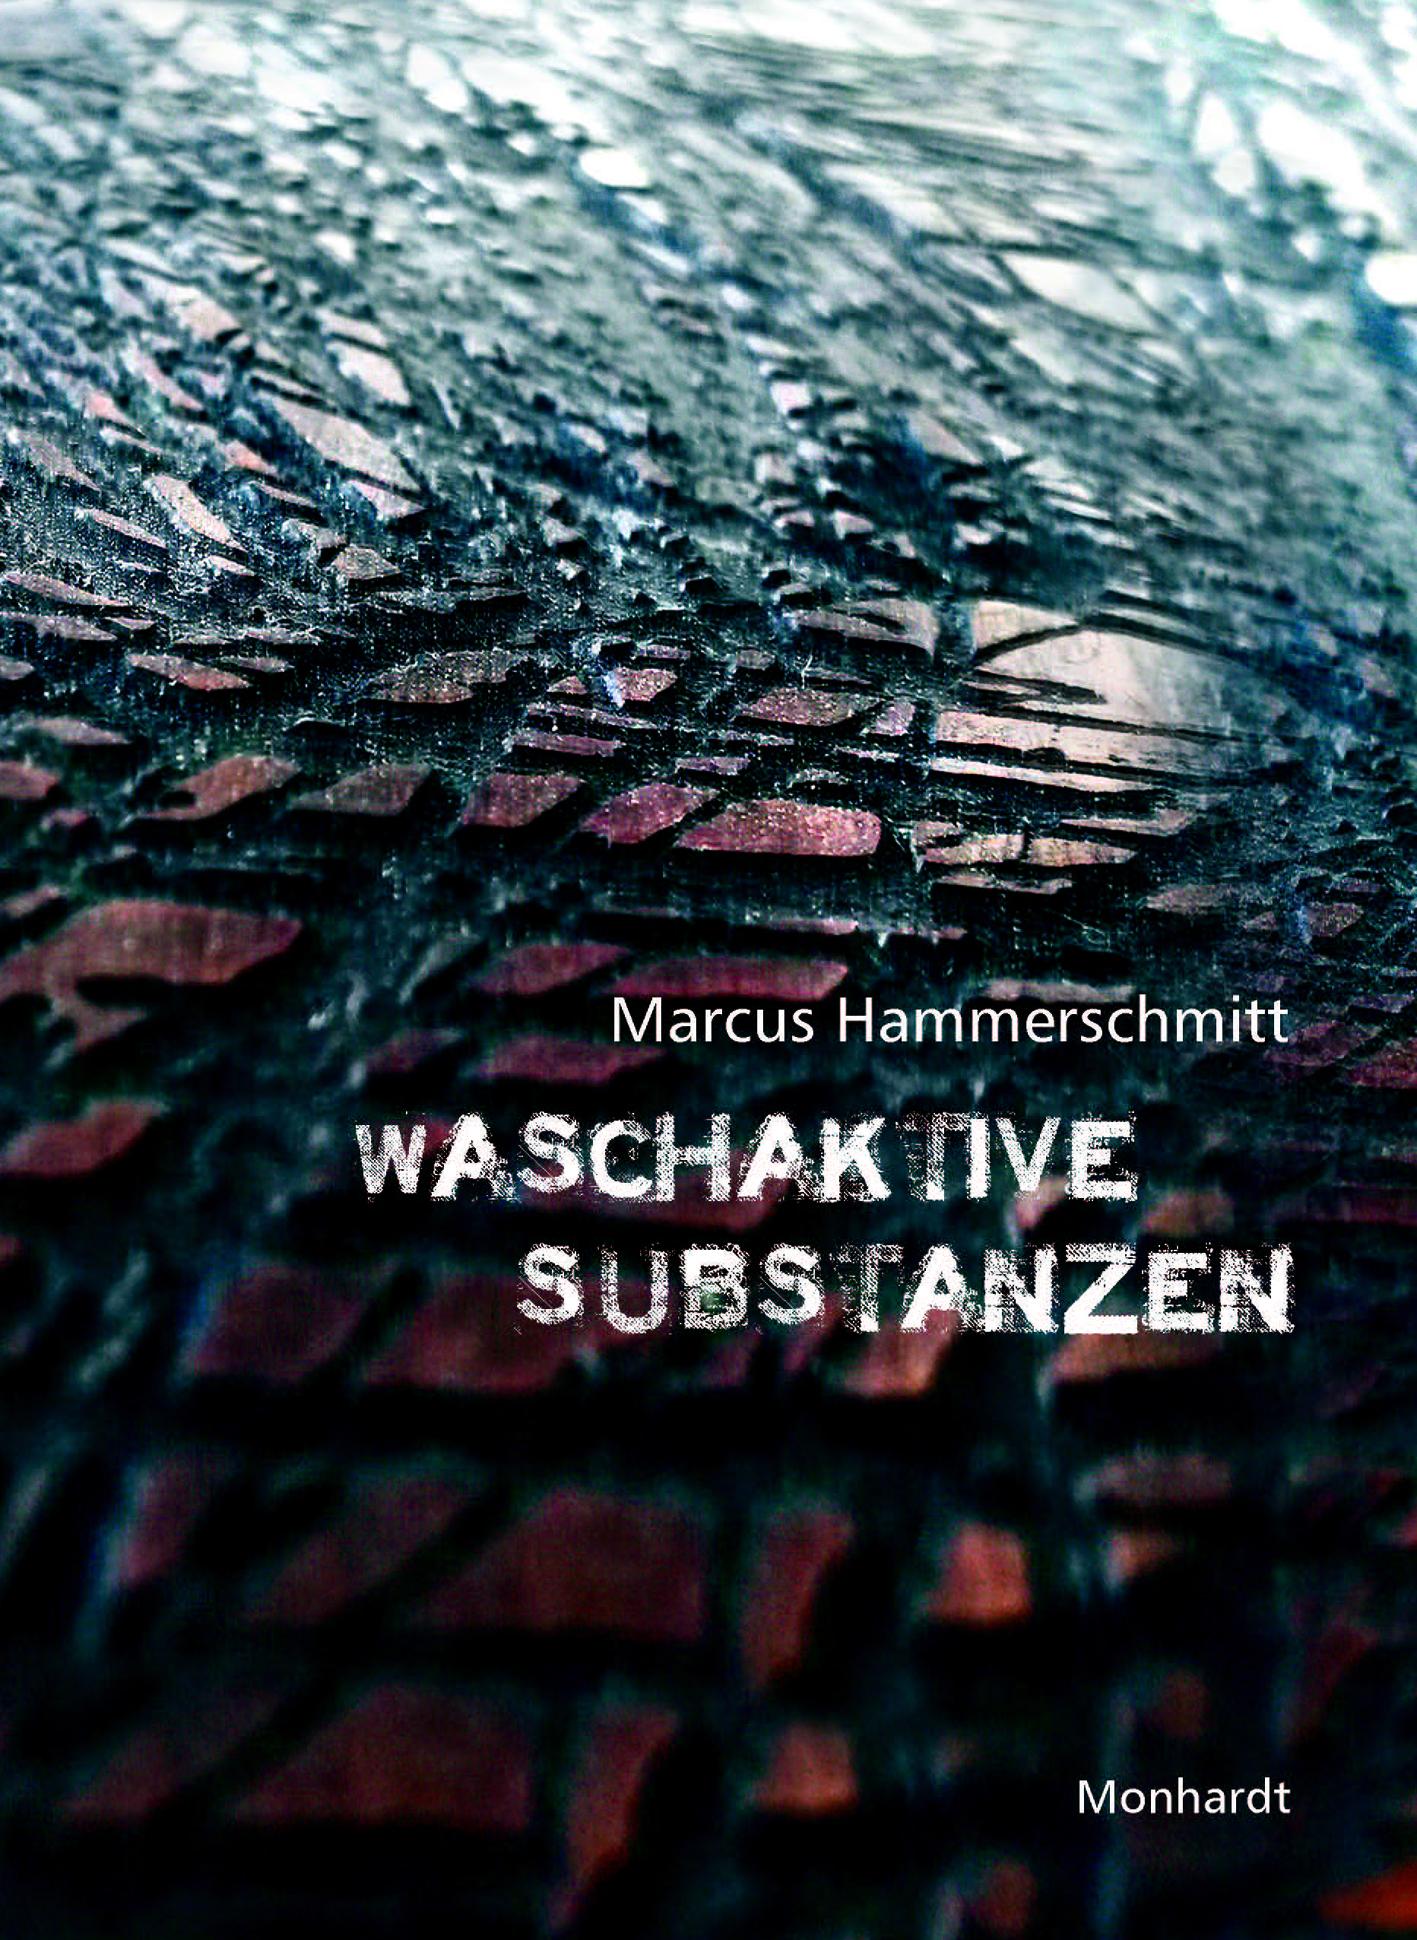 Buchcover - Waschaktive Substanzen, Edition Monhardt